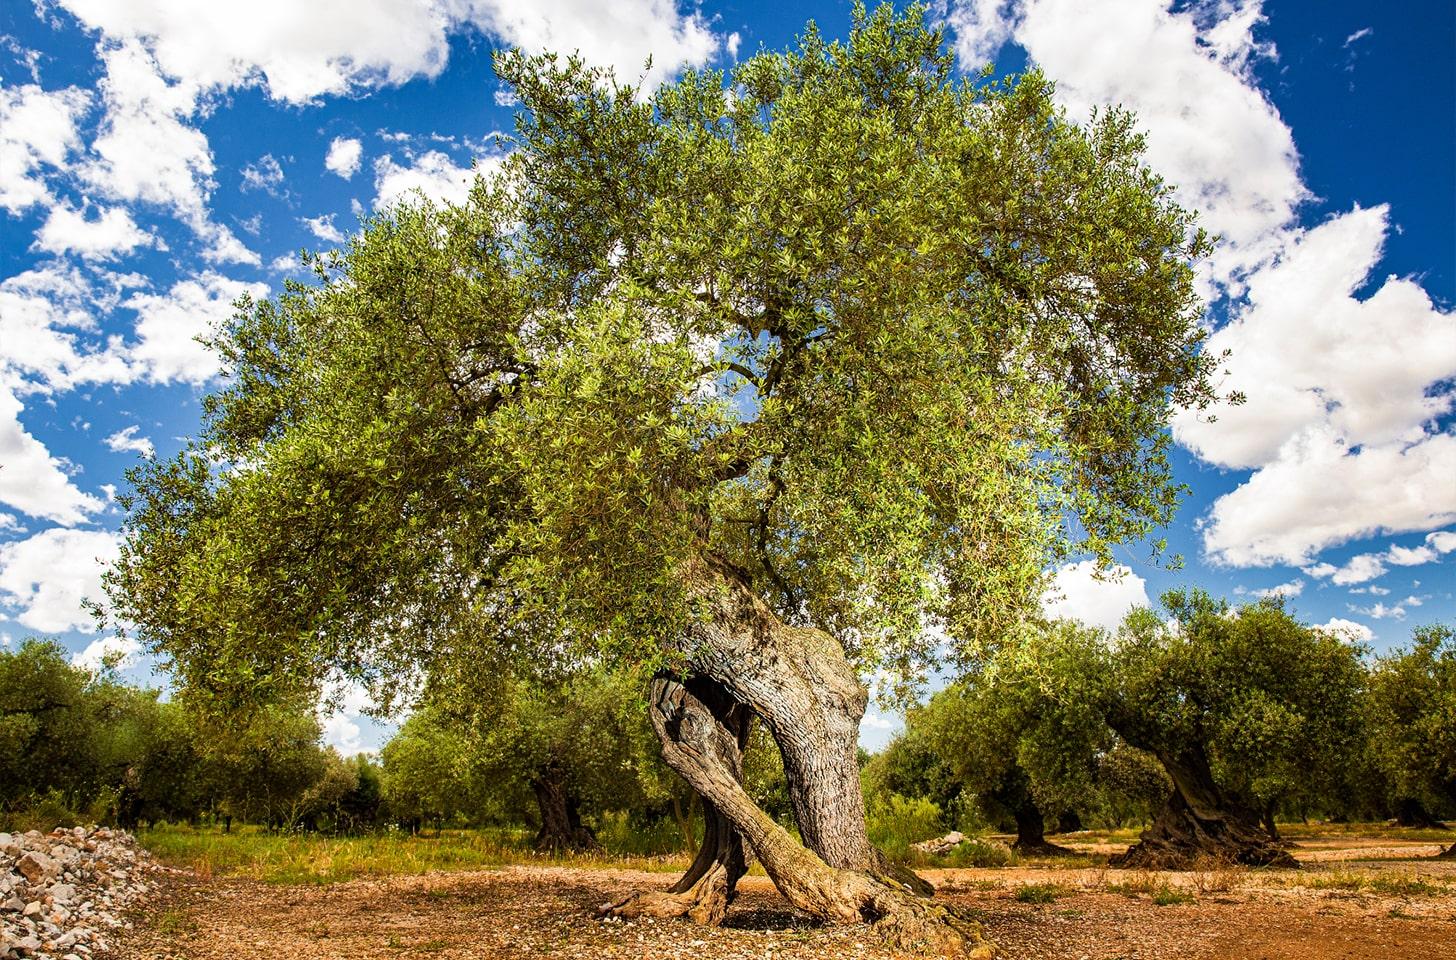 oliveres_03-min